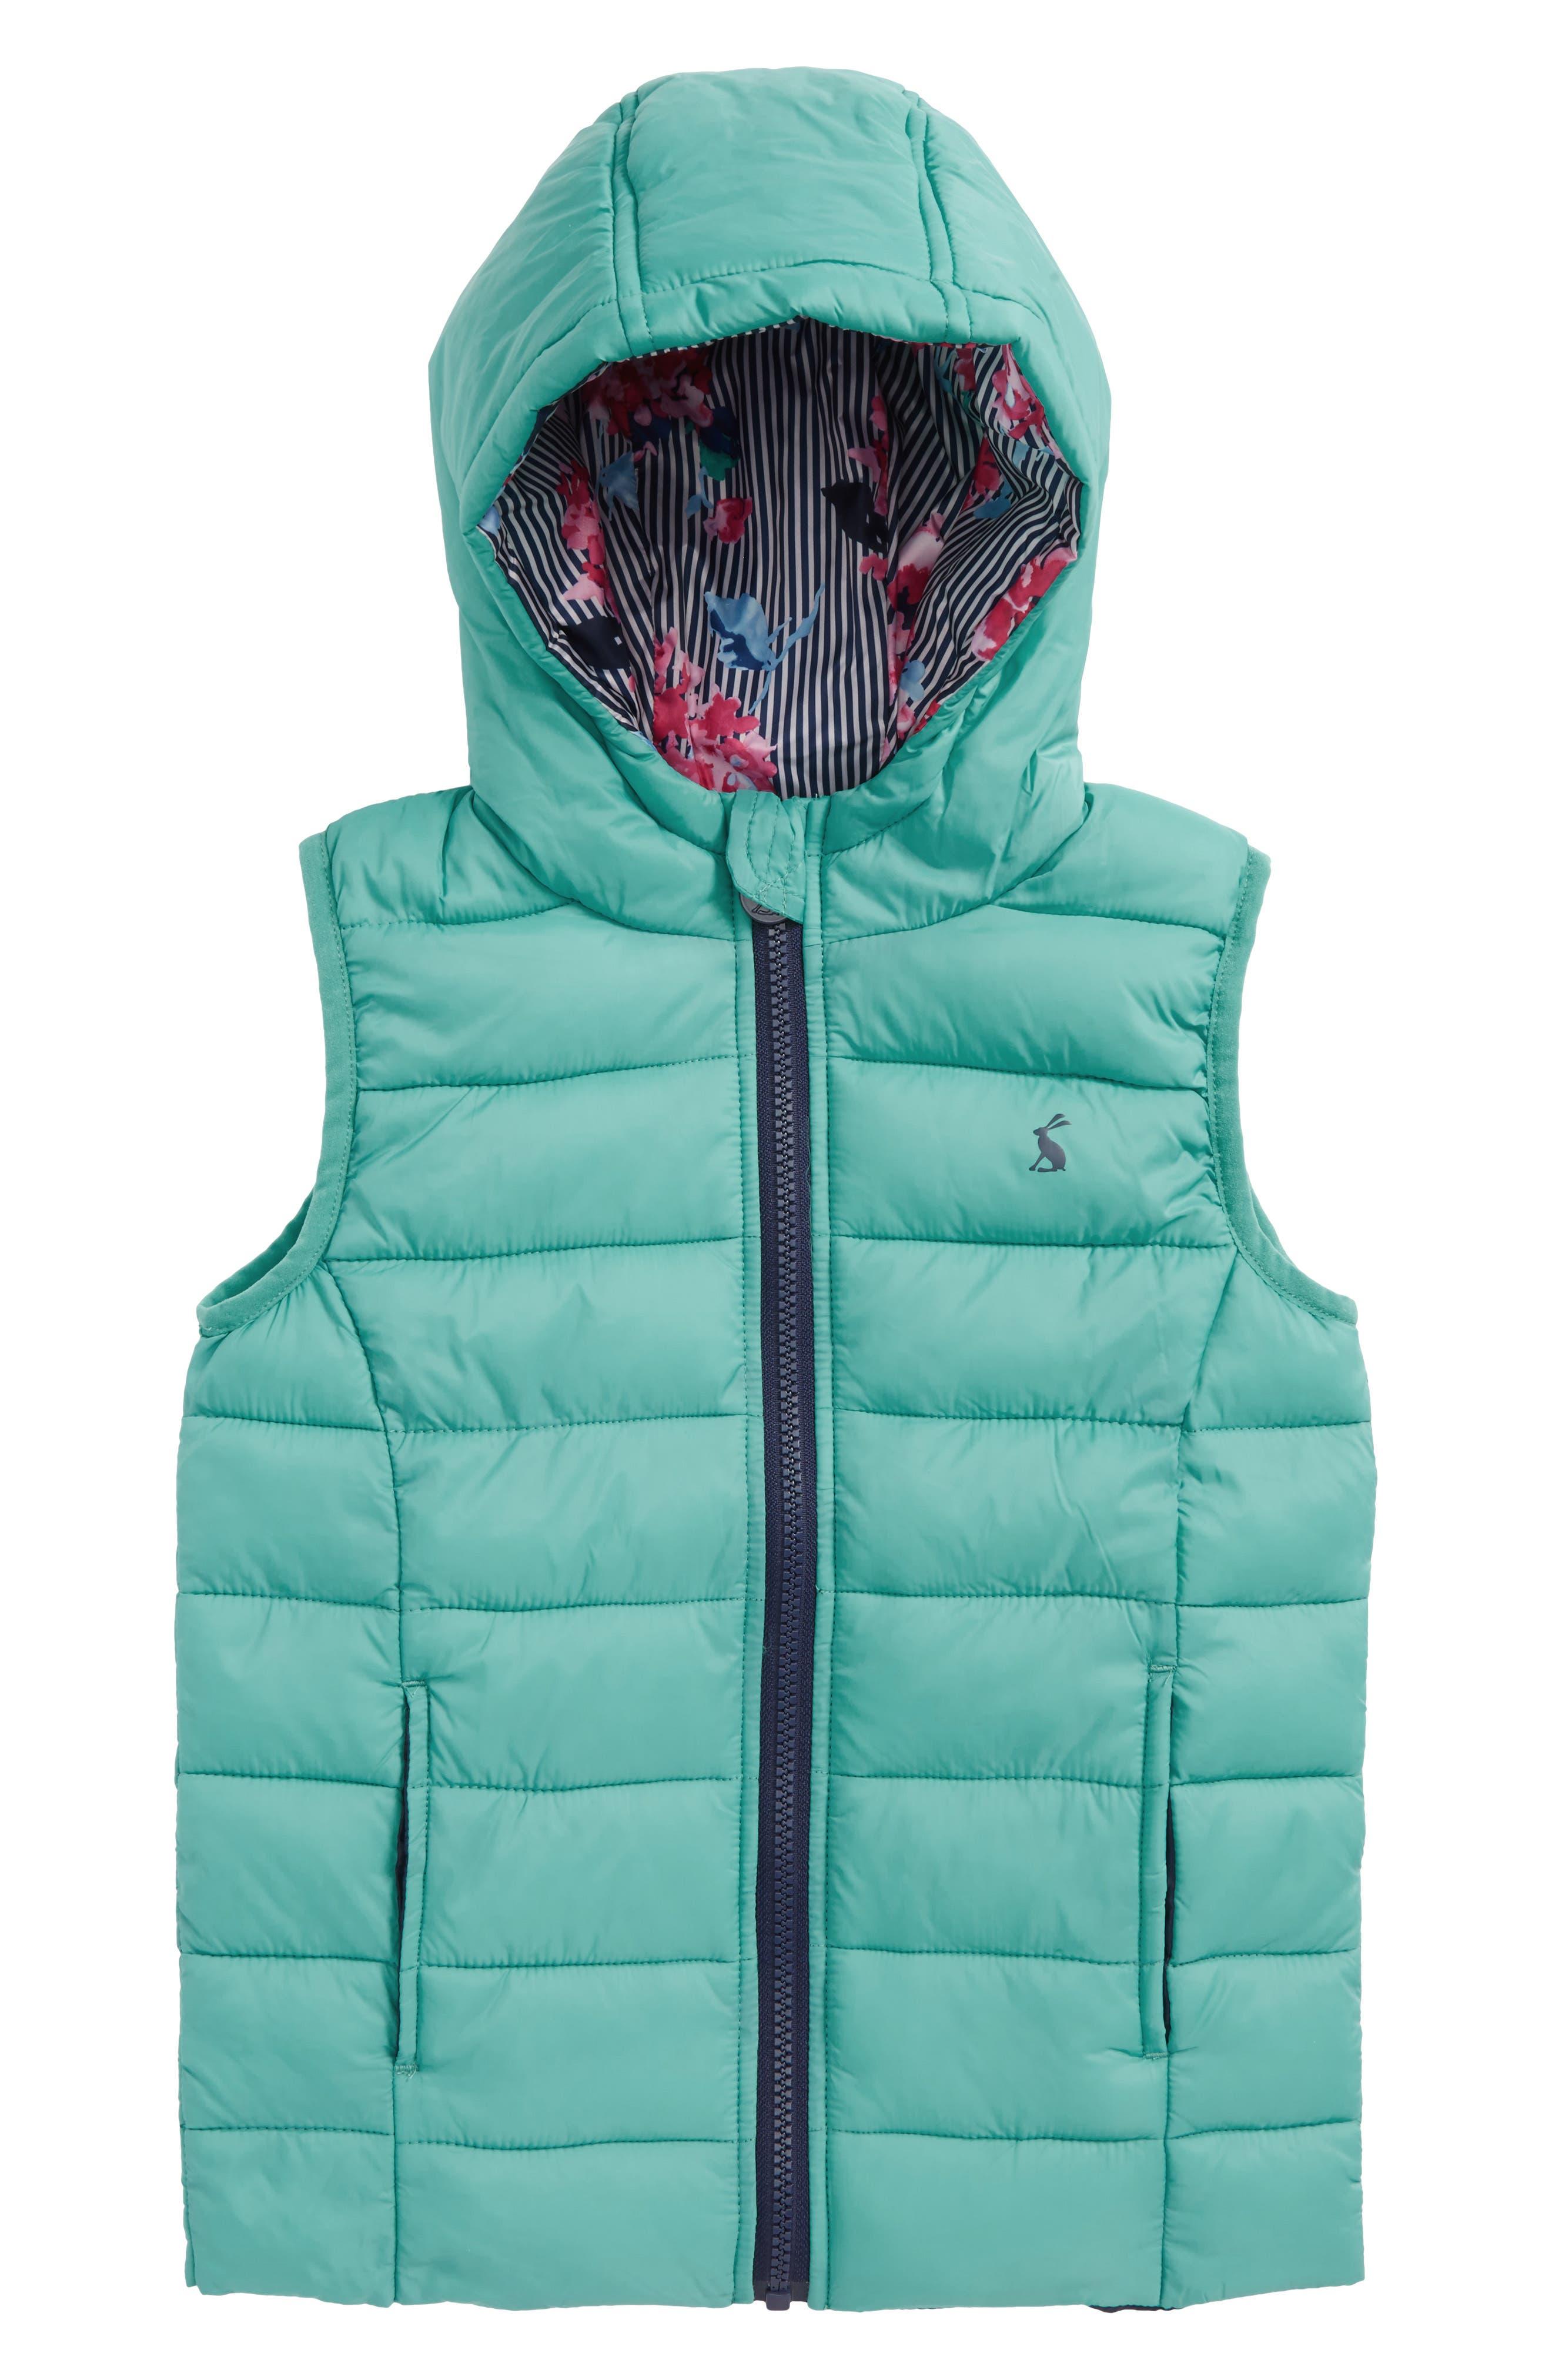 Printed Packaway Vest,                             Main thumbnail 1, color,                             323